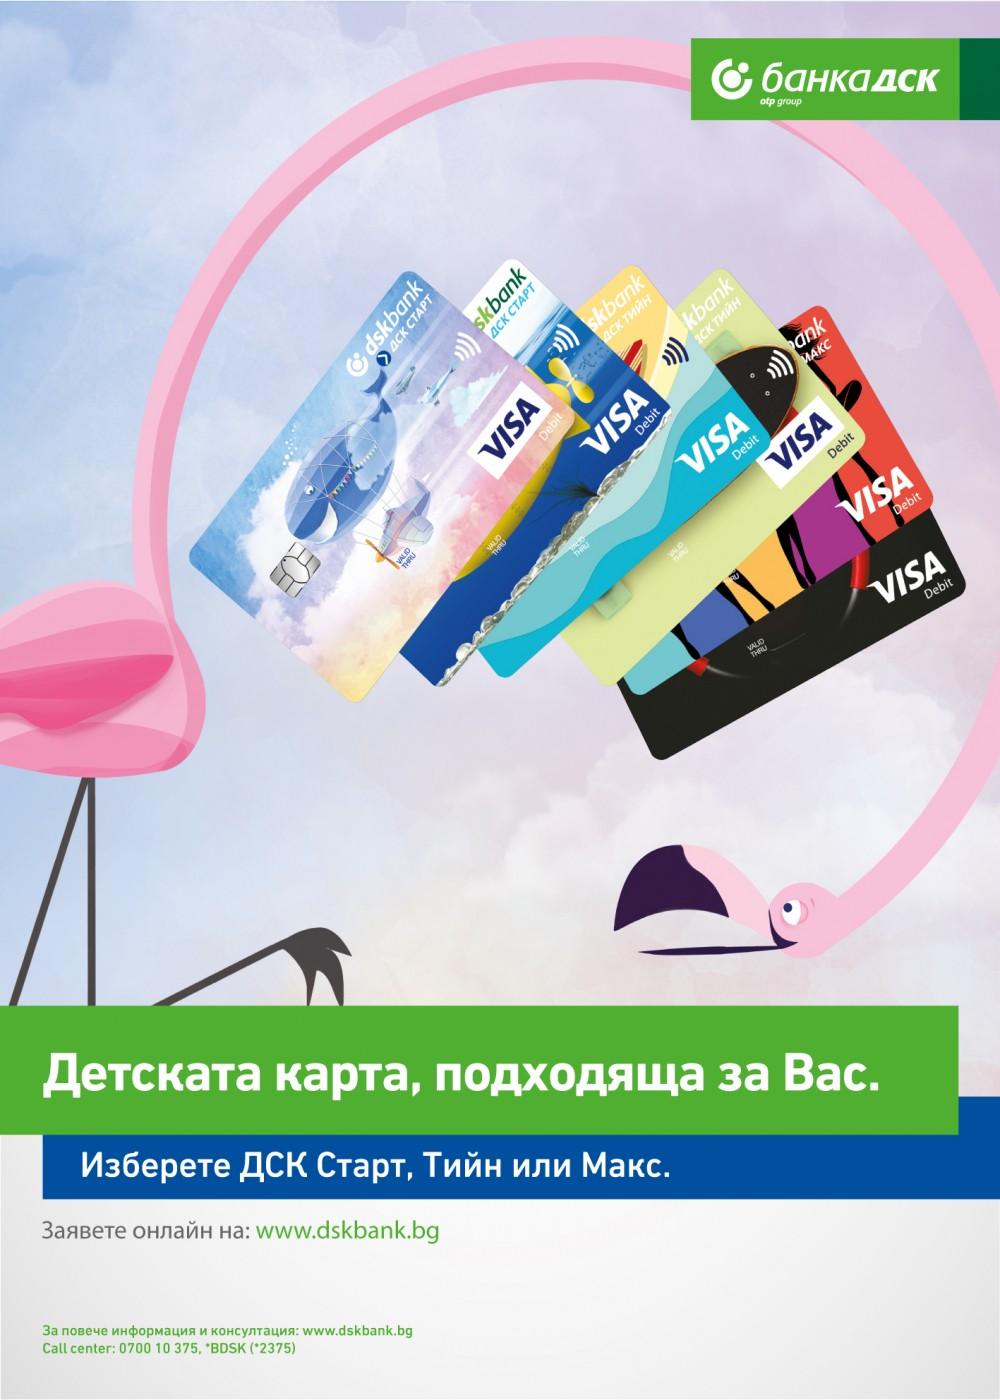 Детските дебитни карти на Банка ДСК